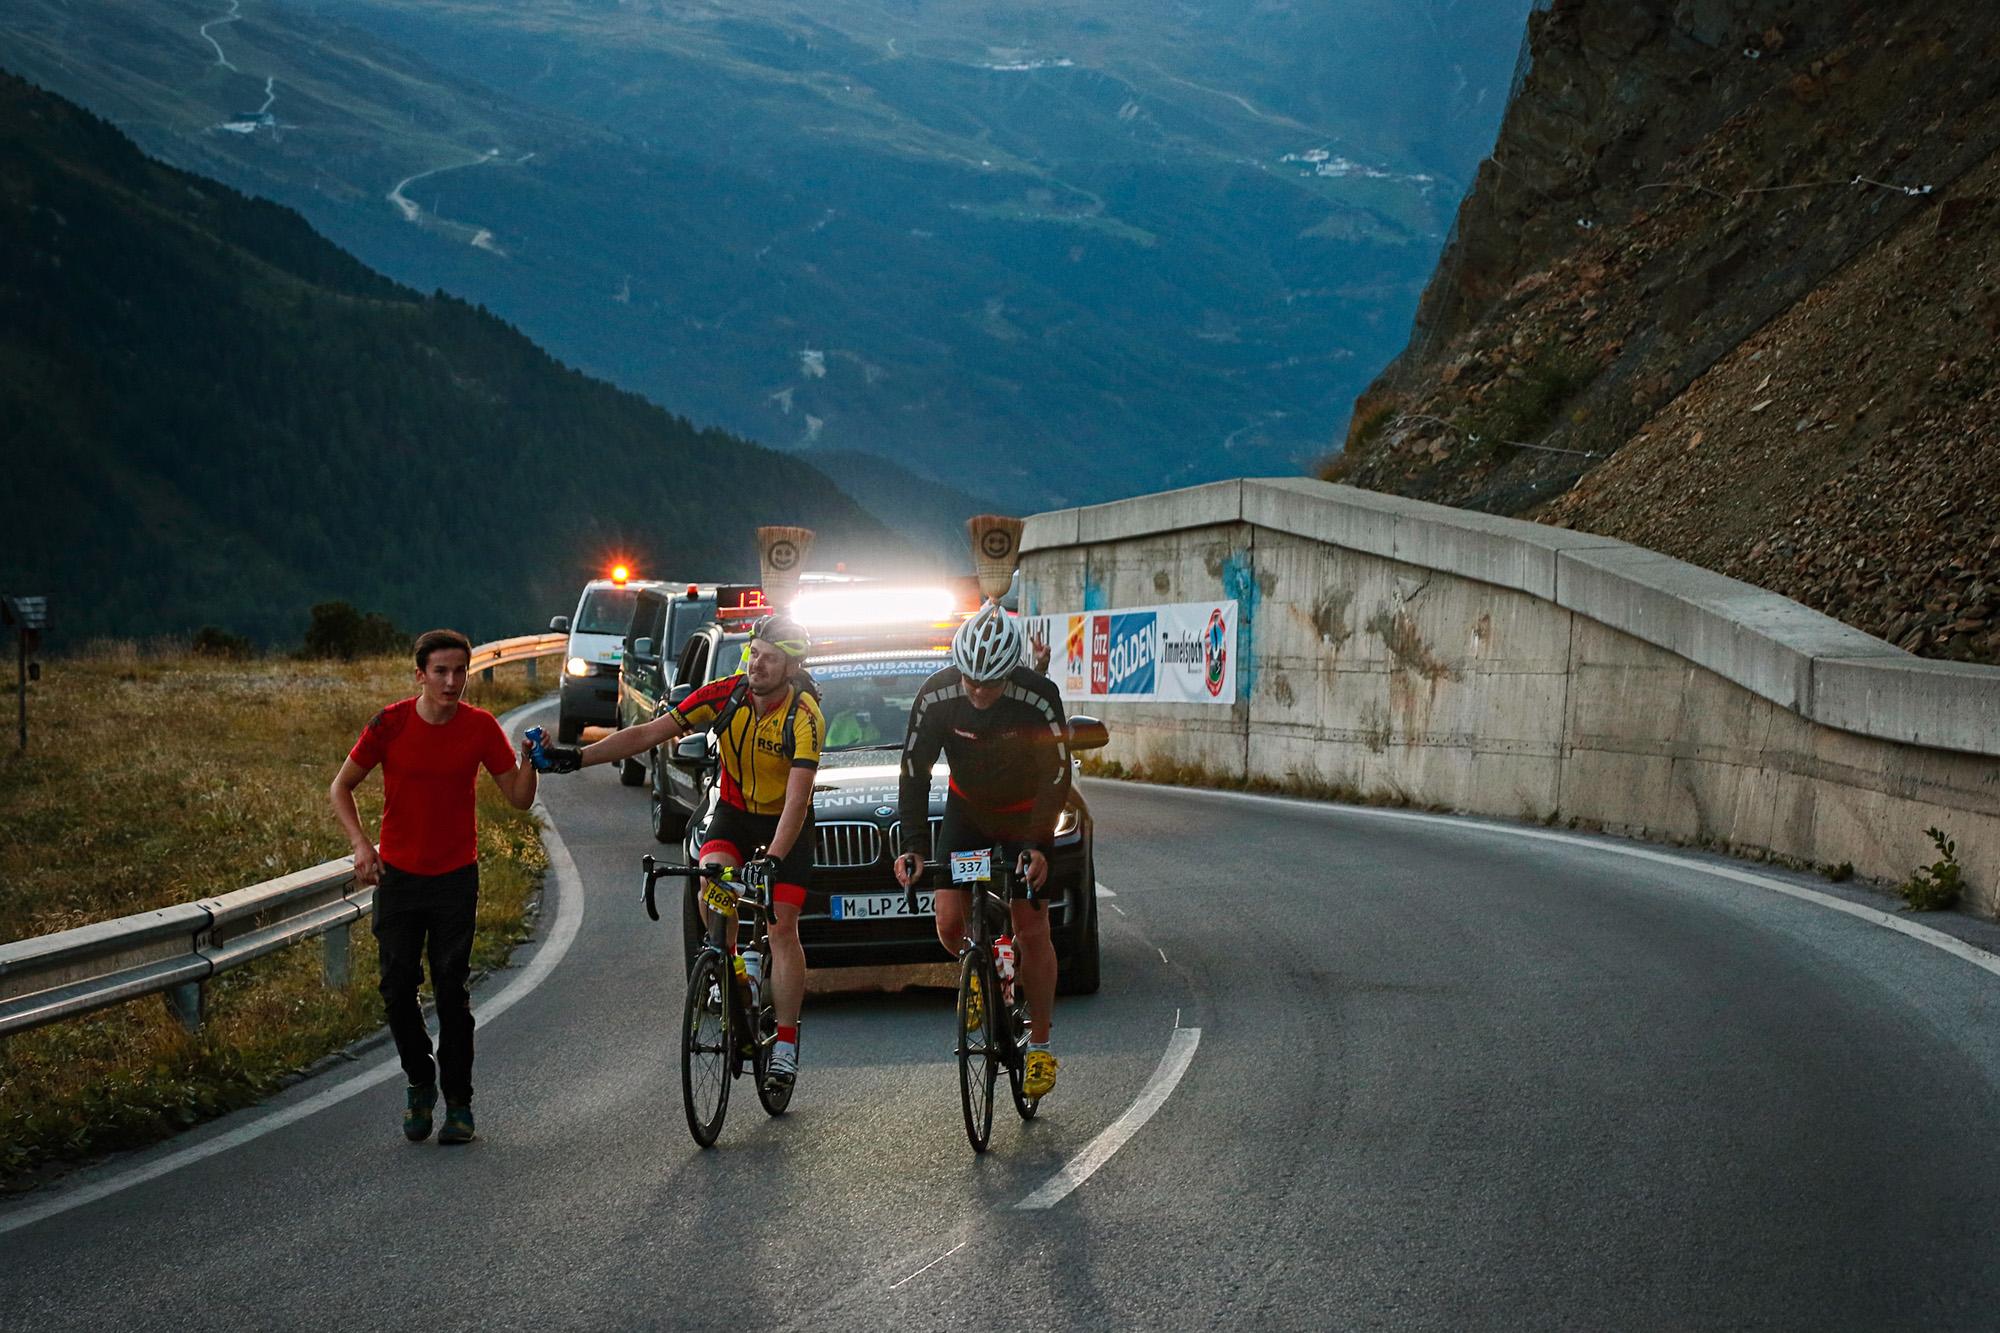 Zwei Radfahrer kämpfen sich den Berg hoch, dicht gefolgt vom Besenwagen